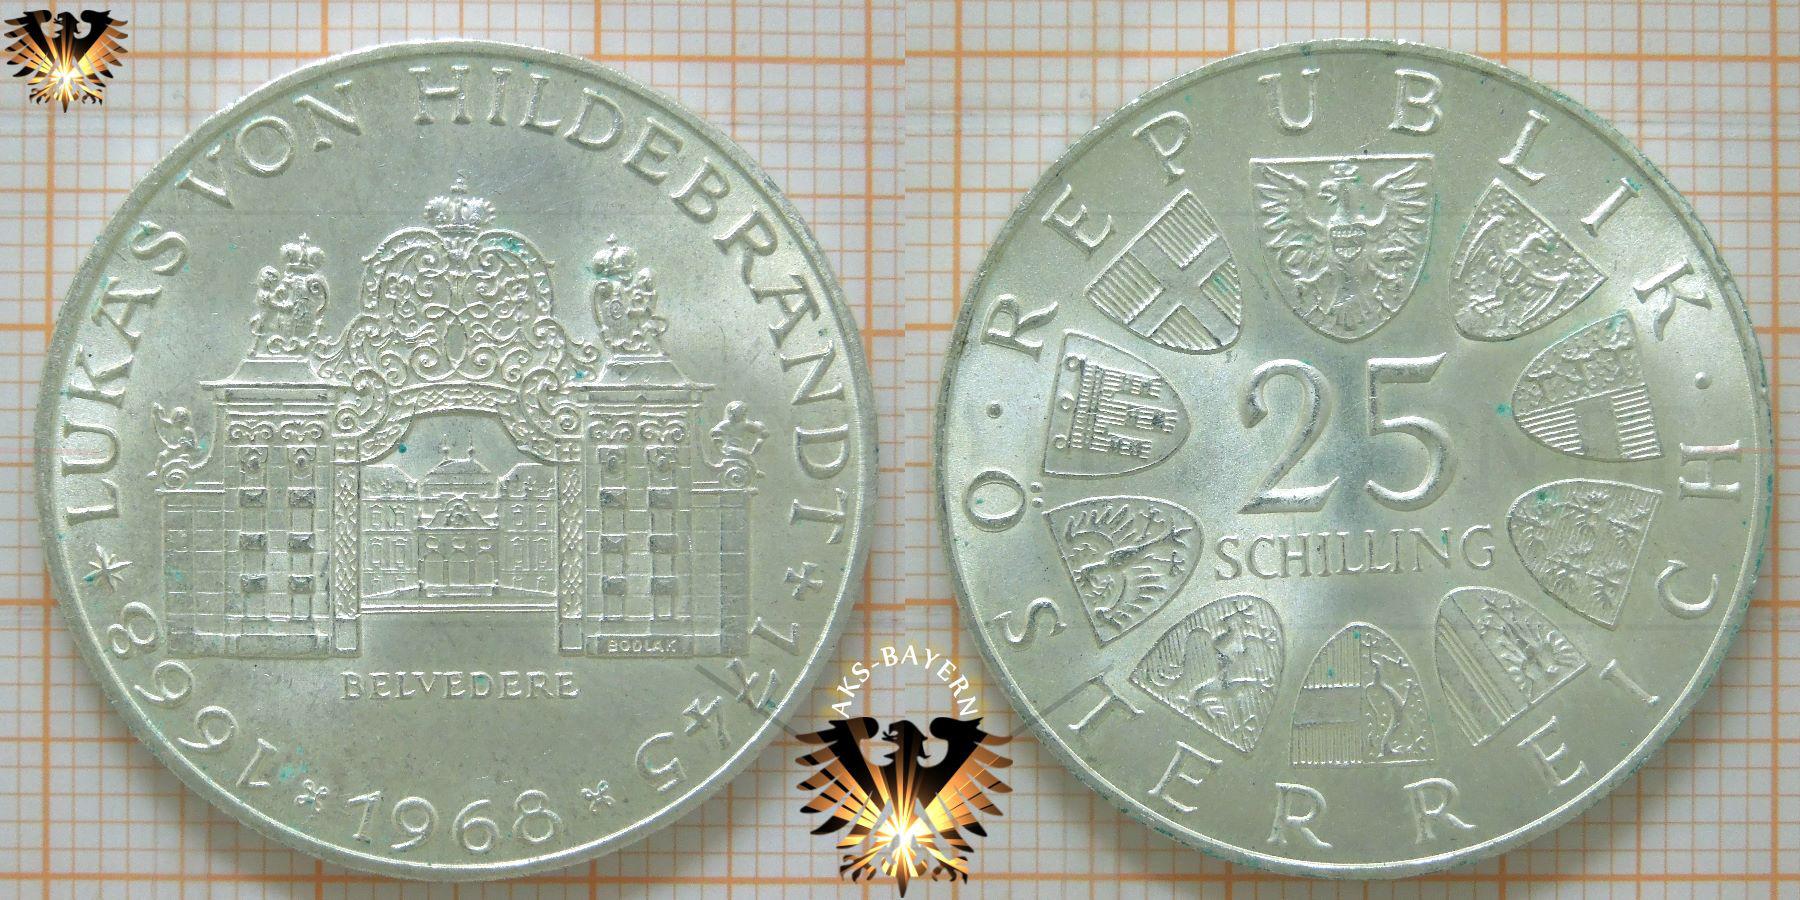 25 Schilling 1968 Lukas Von Hildebrandt 1745 1668 Belvedere